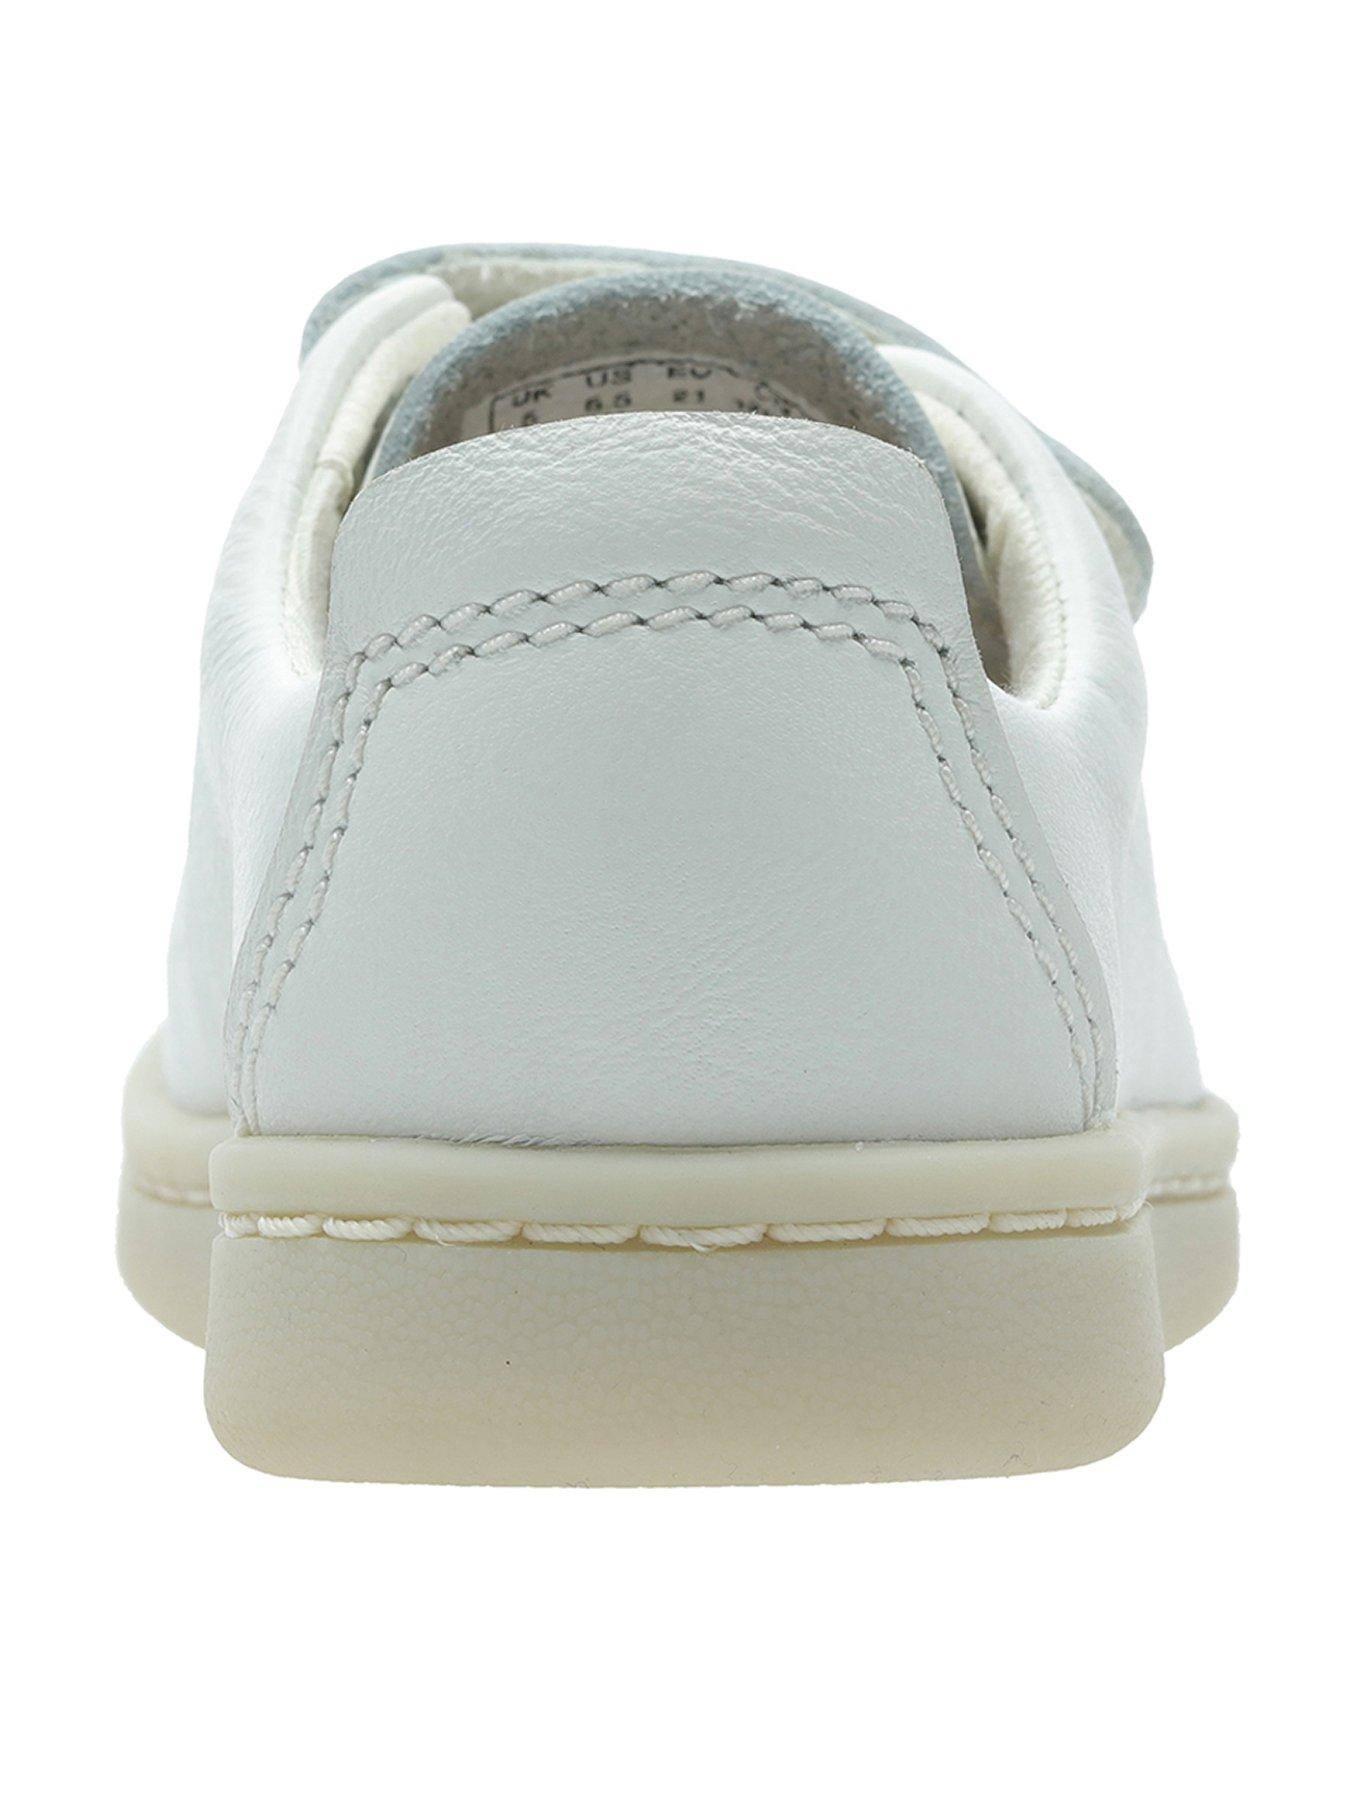 White Leather Maze 26135827 Clarks Nate deBorCWx